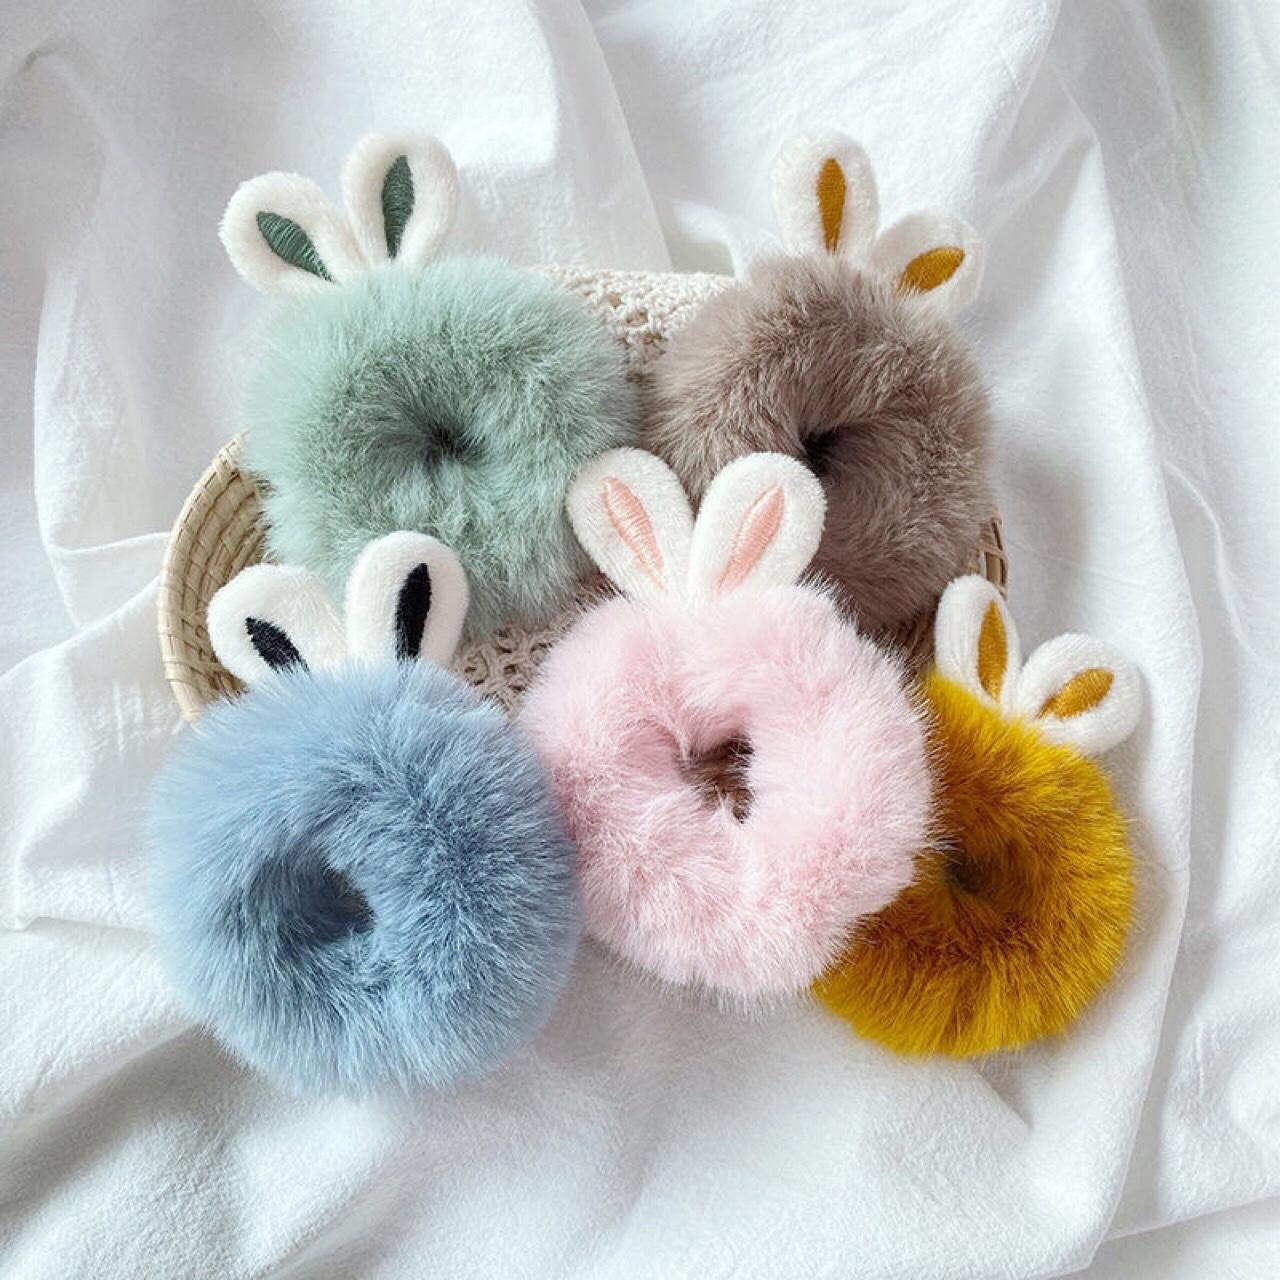 可爱超萌兔耳朵毛绒发圈毛毛皮筋发绳儿童扎头发头绳秋冬发饰头饰